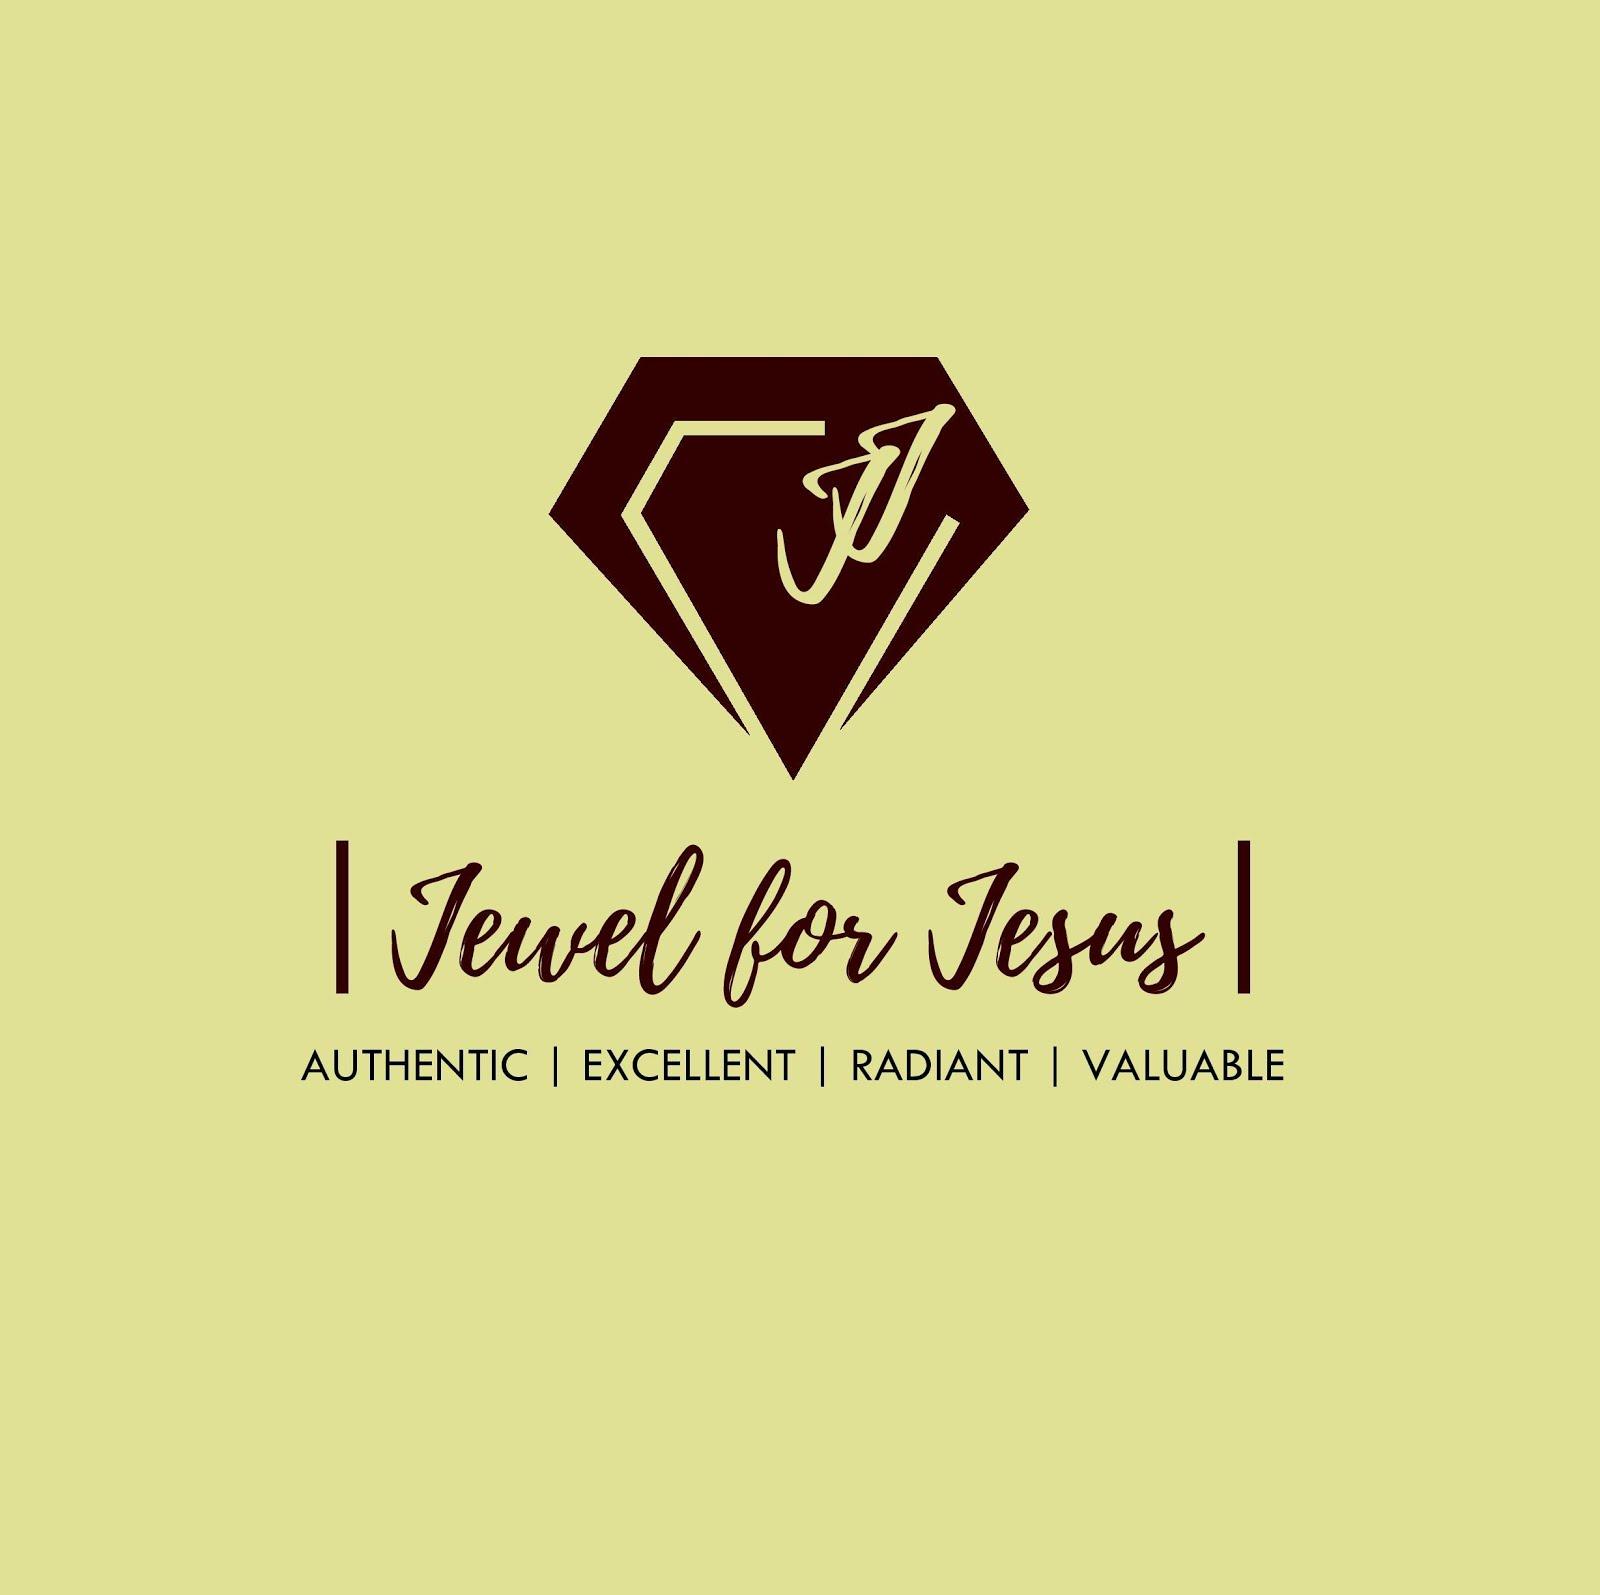 Jewel For Jesus